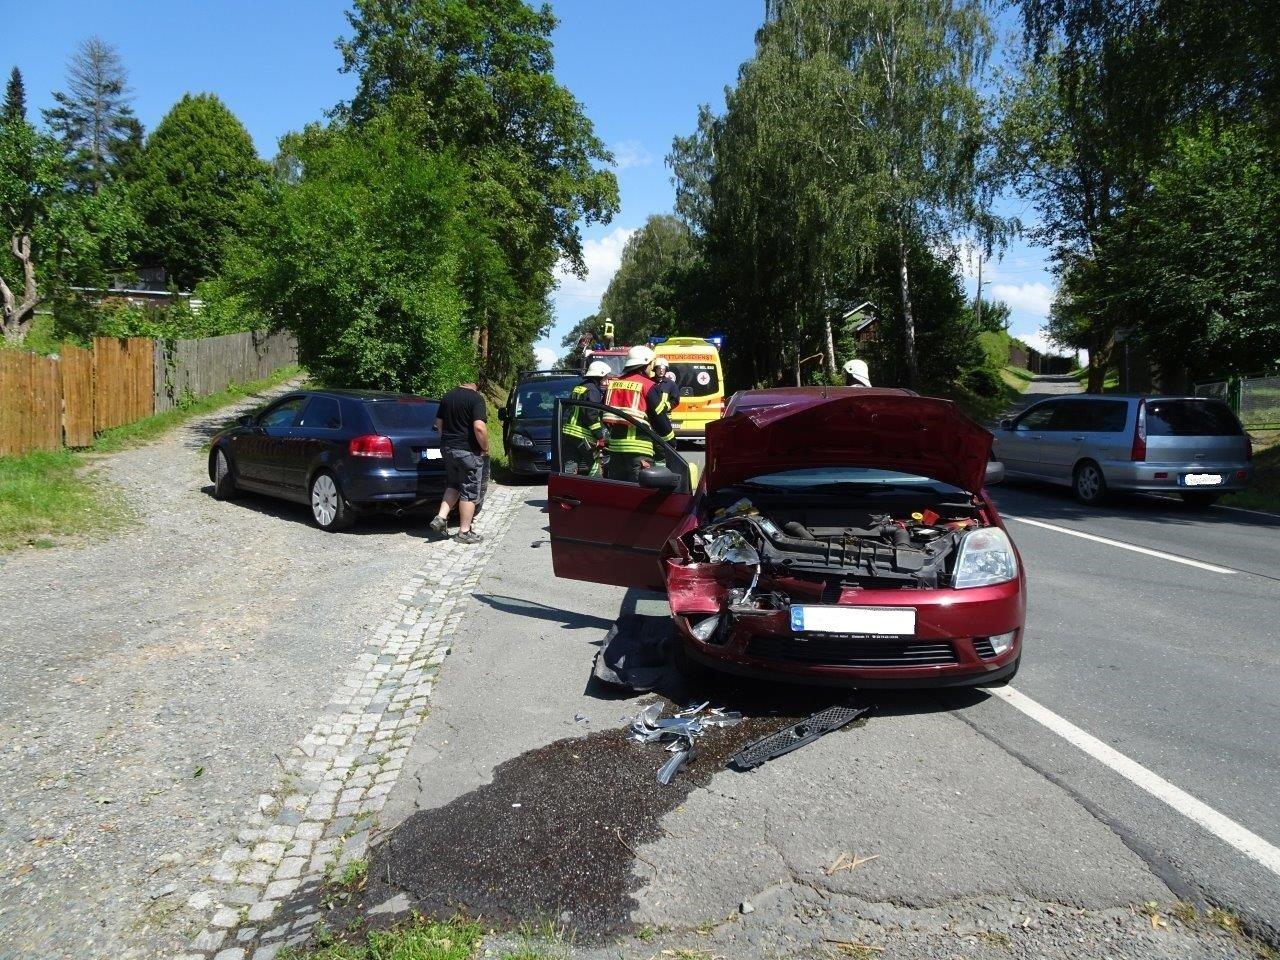 Hilfeleistung - klein vom 21.07.2020  |  (C) www.ff-markneukirchen.de (2020)